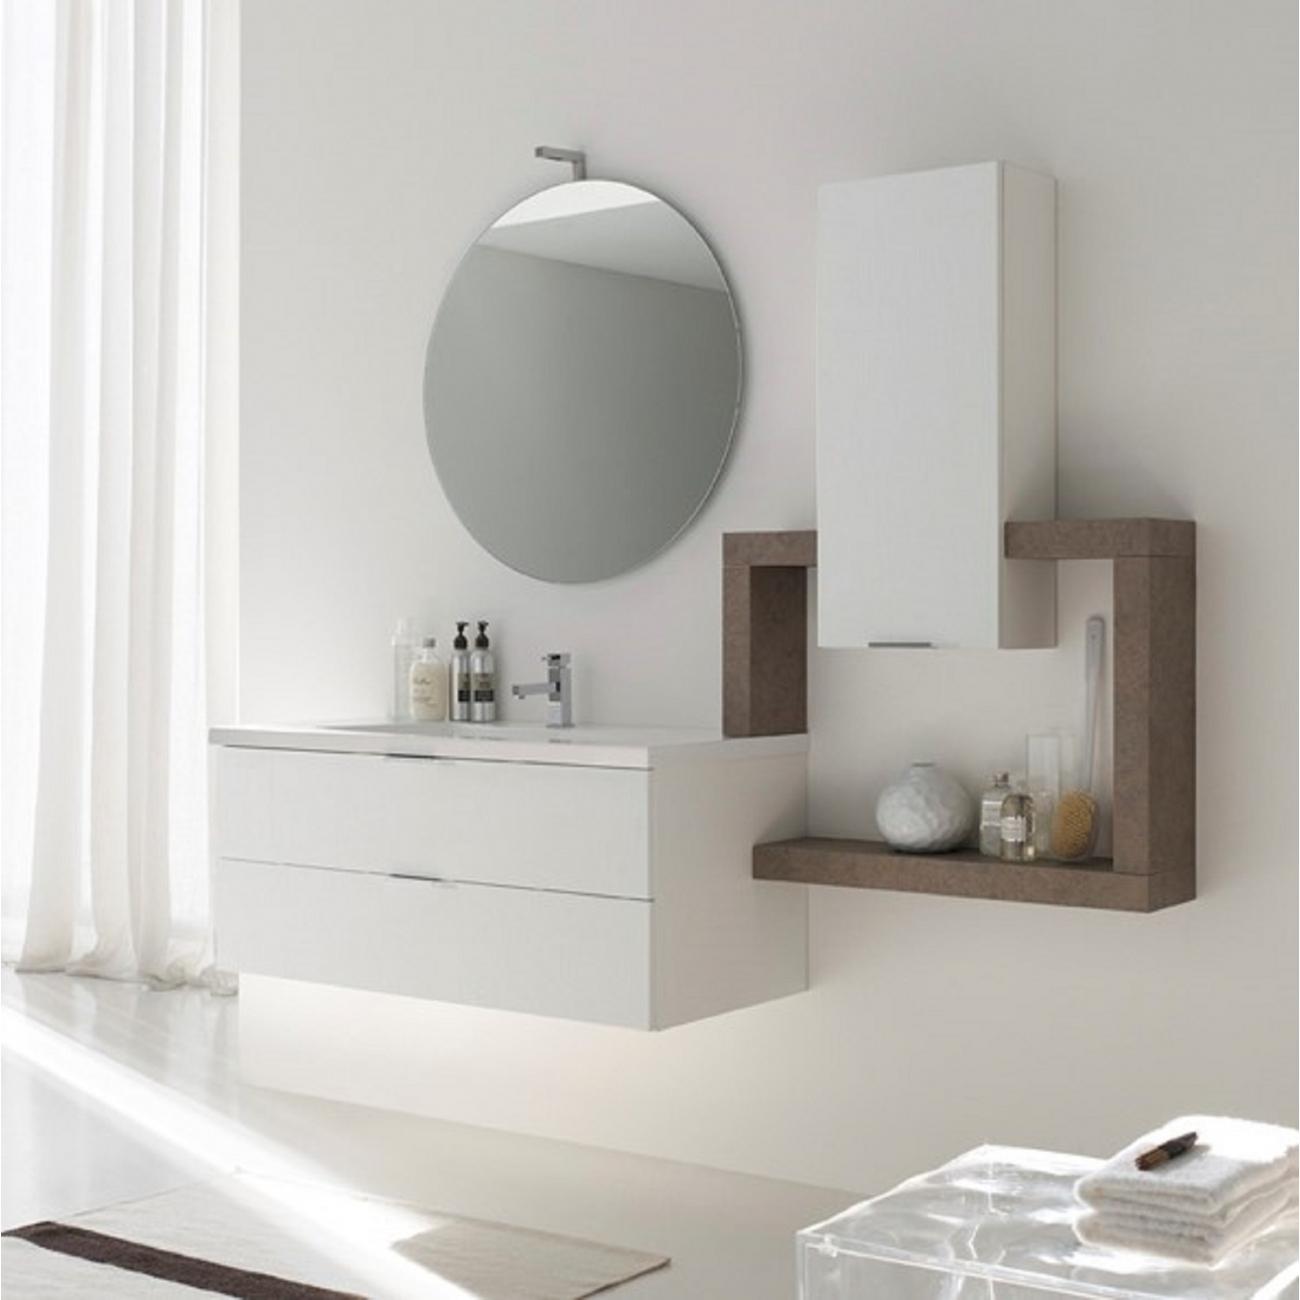 Arcom ak ely07 mobile bagno tattahome - Arcom mobili bagno ...